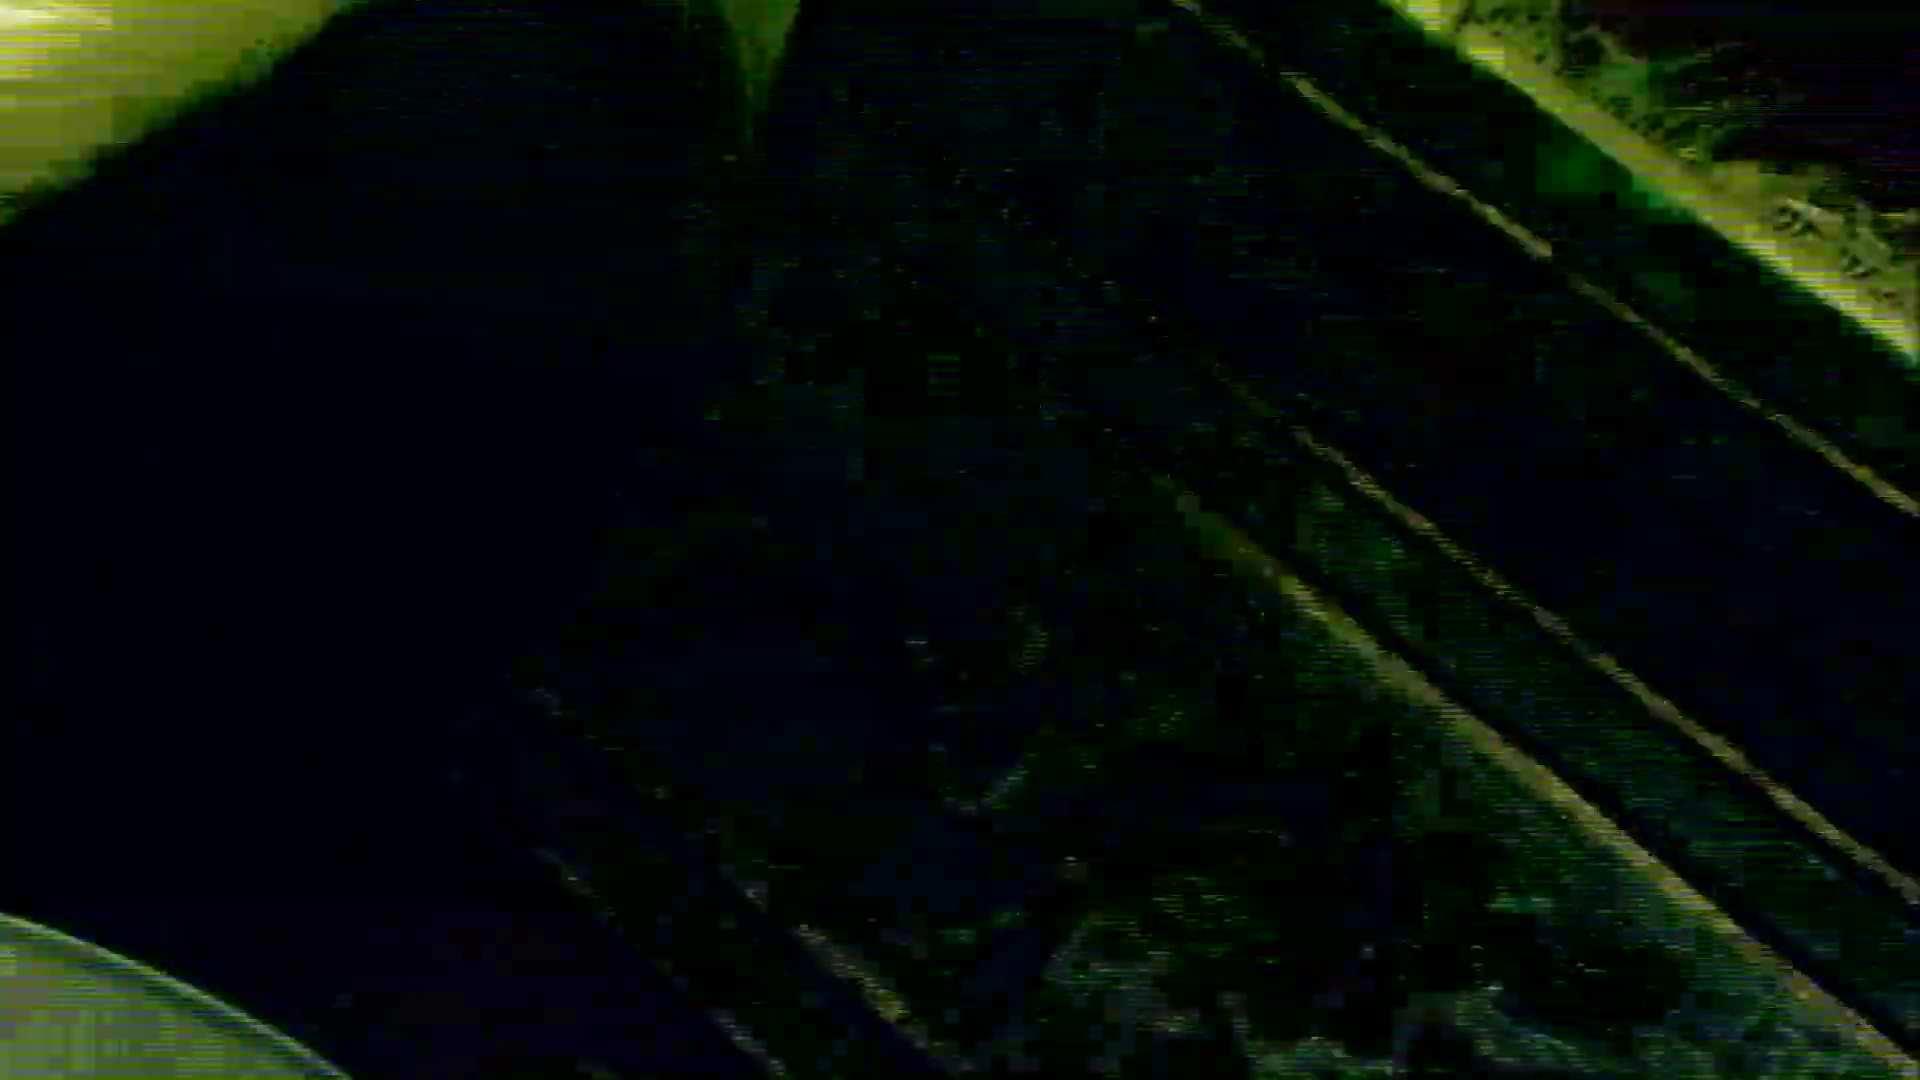 イケイケMEN'SCLUB vol.16前編 フェラ天国 ゲイ素人エロ画像 108pic 30